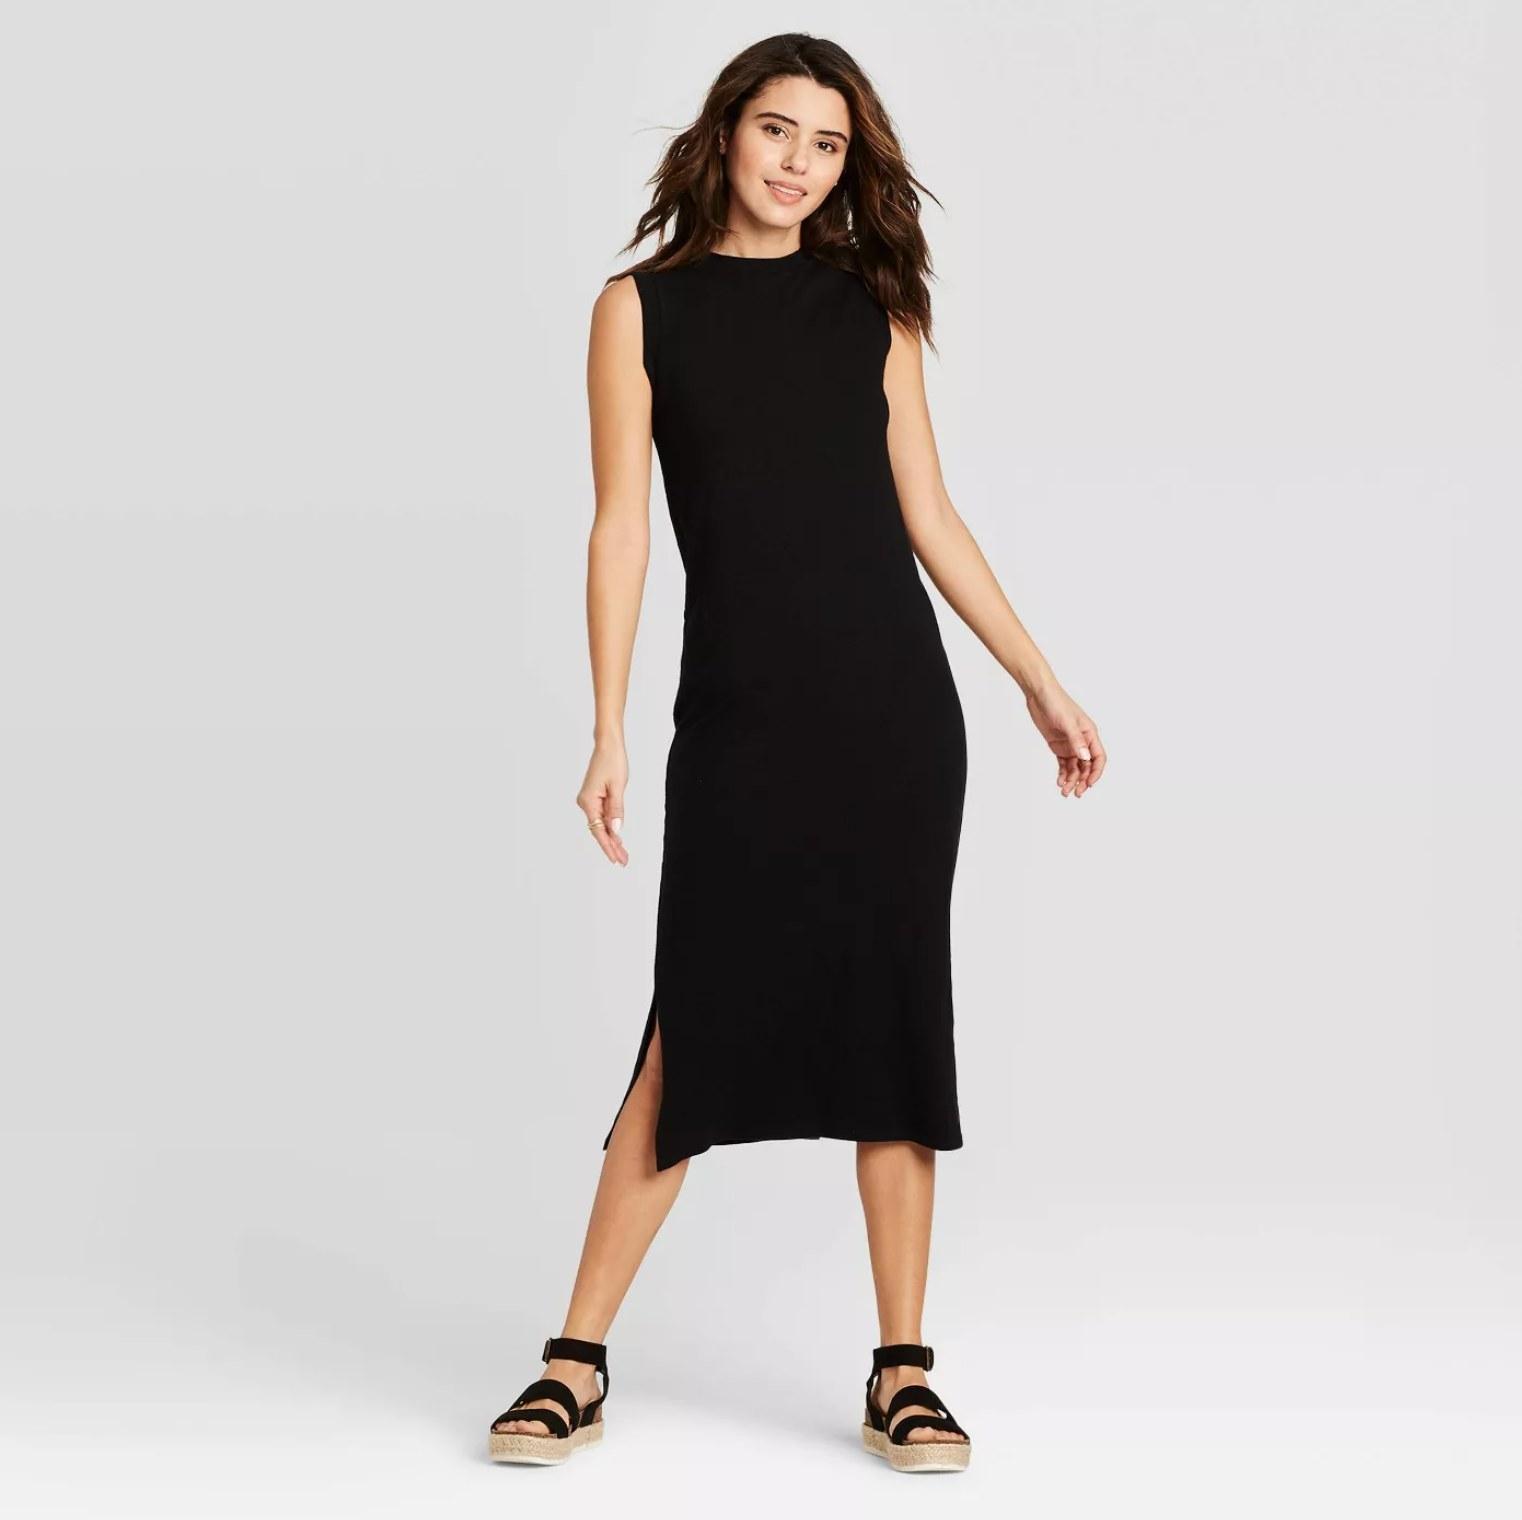 Model wearing the dress in black